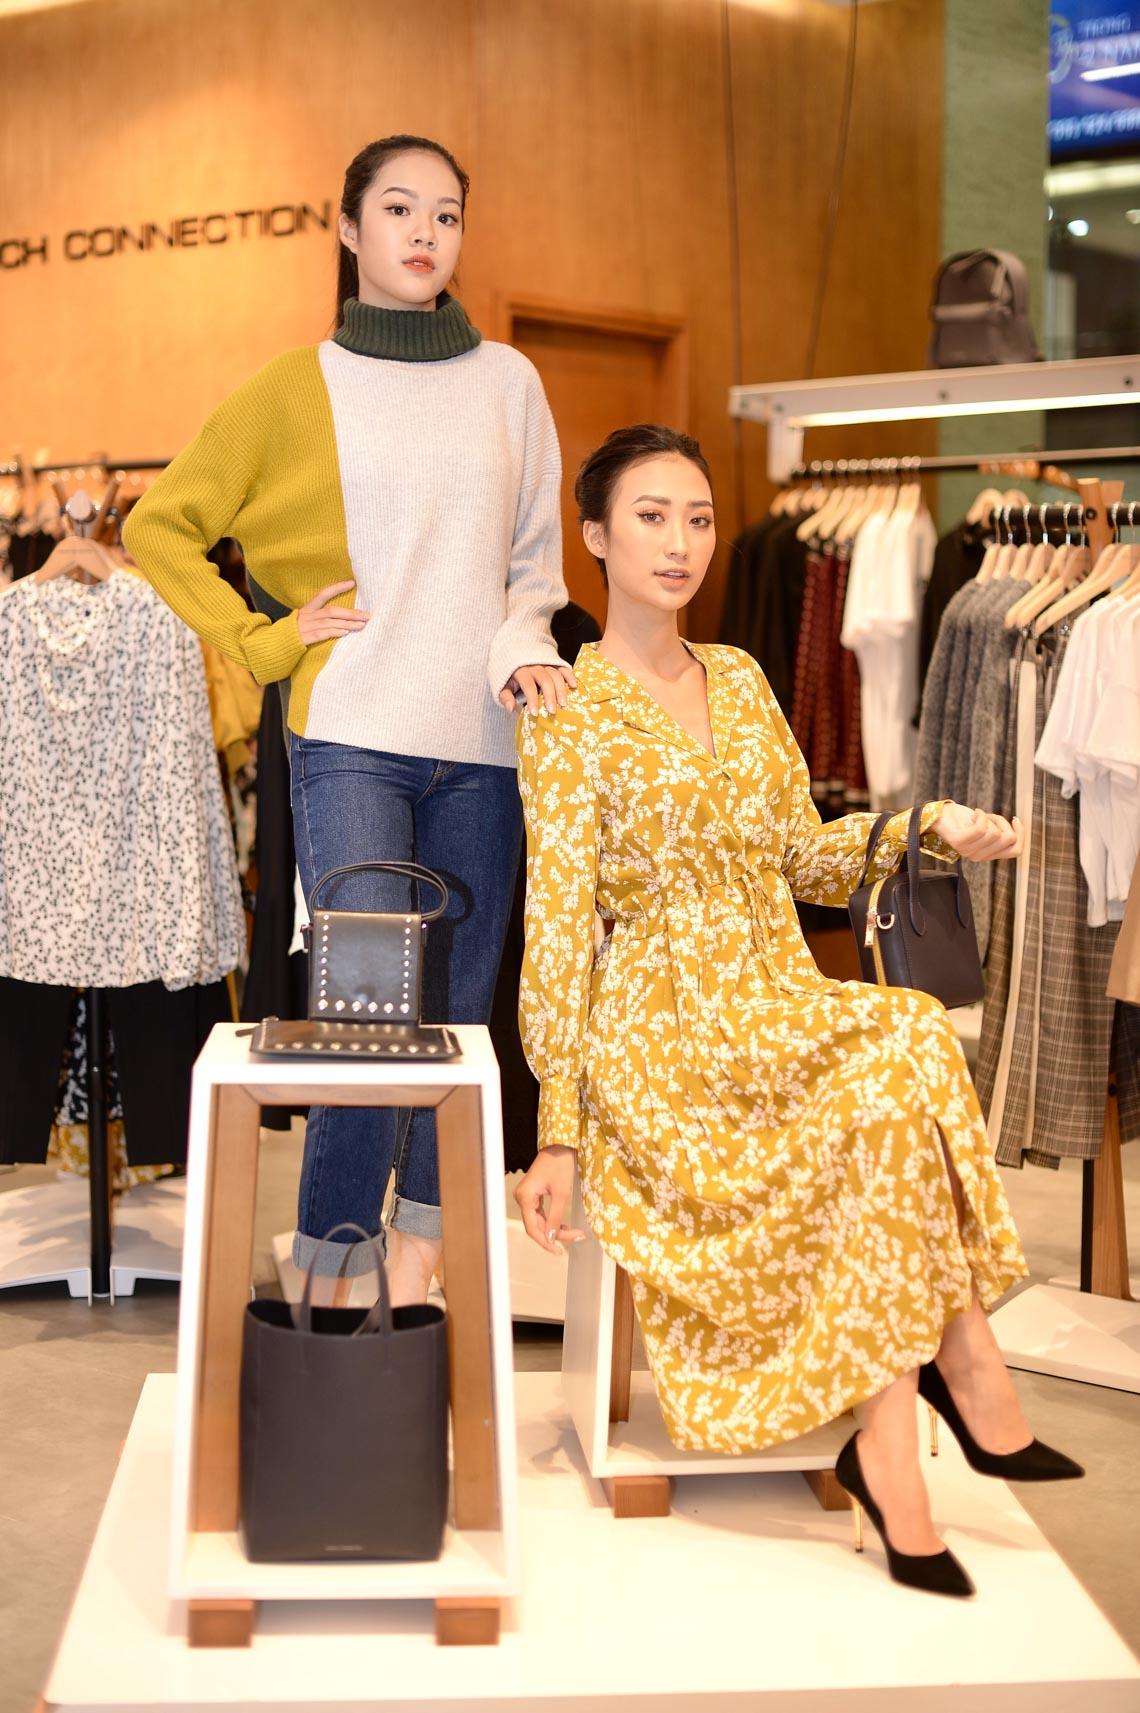 French Connection giới thiệu bộ sưu tập Thu Đông 2019 tại Hà Nội - 11